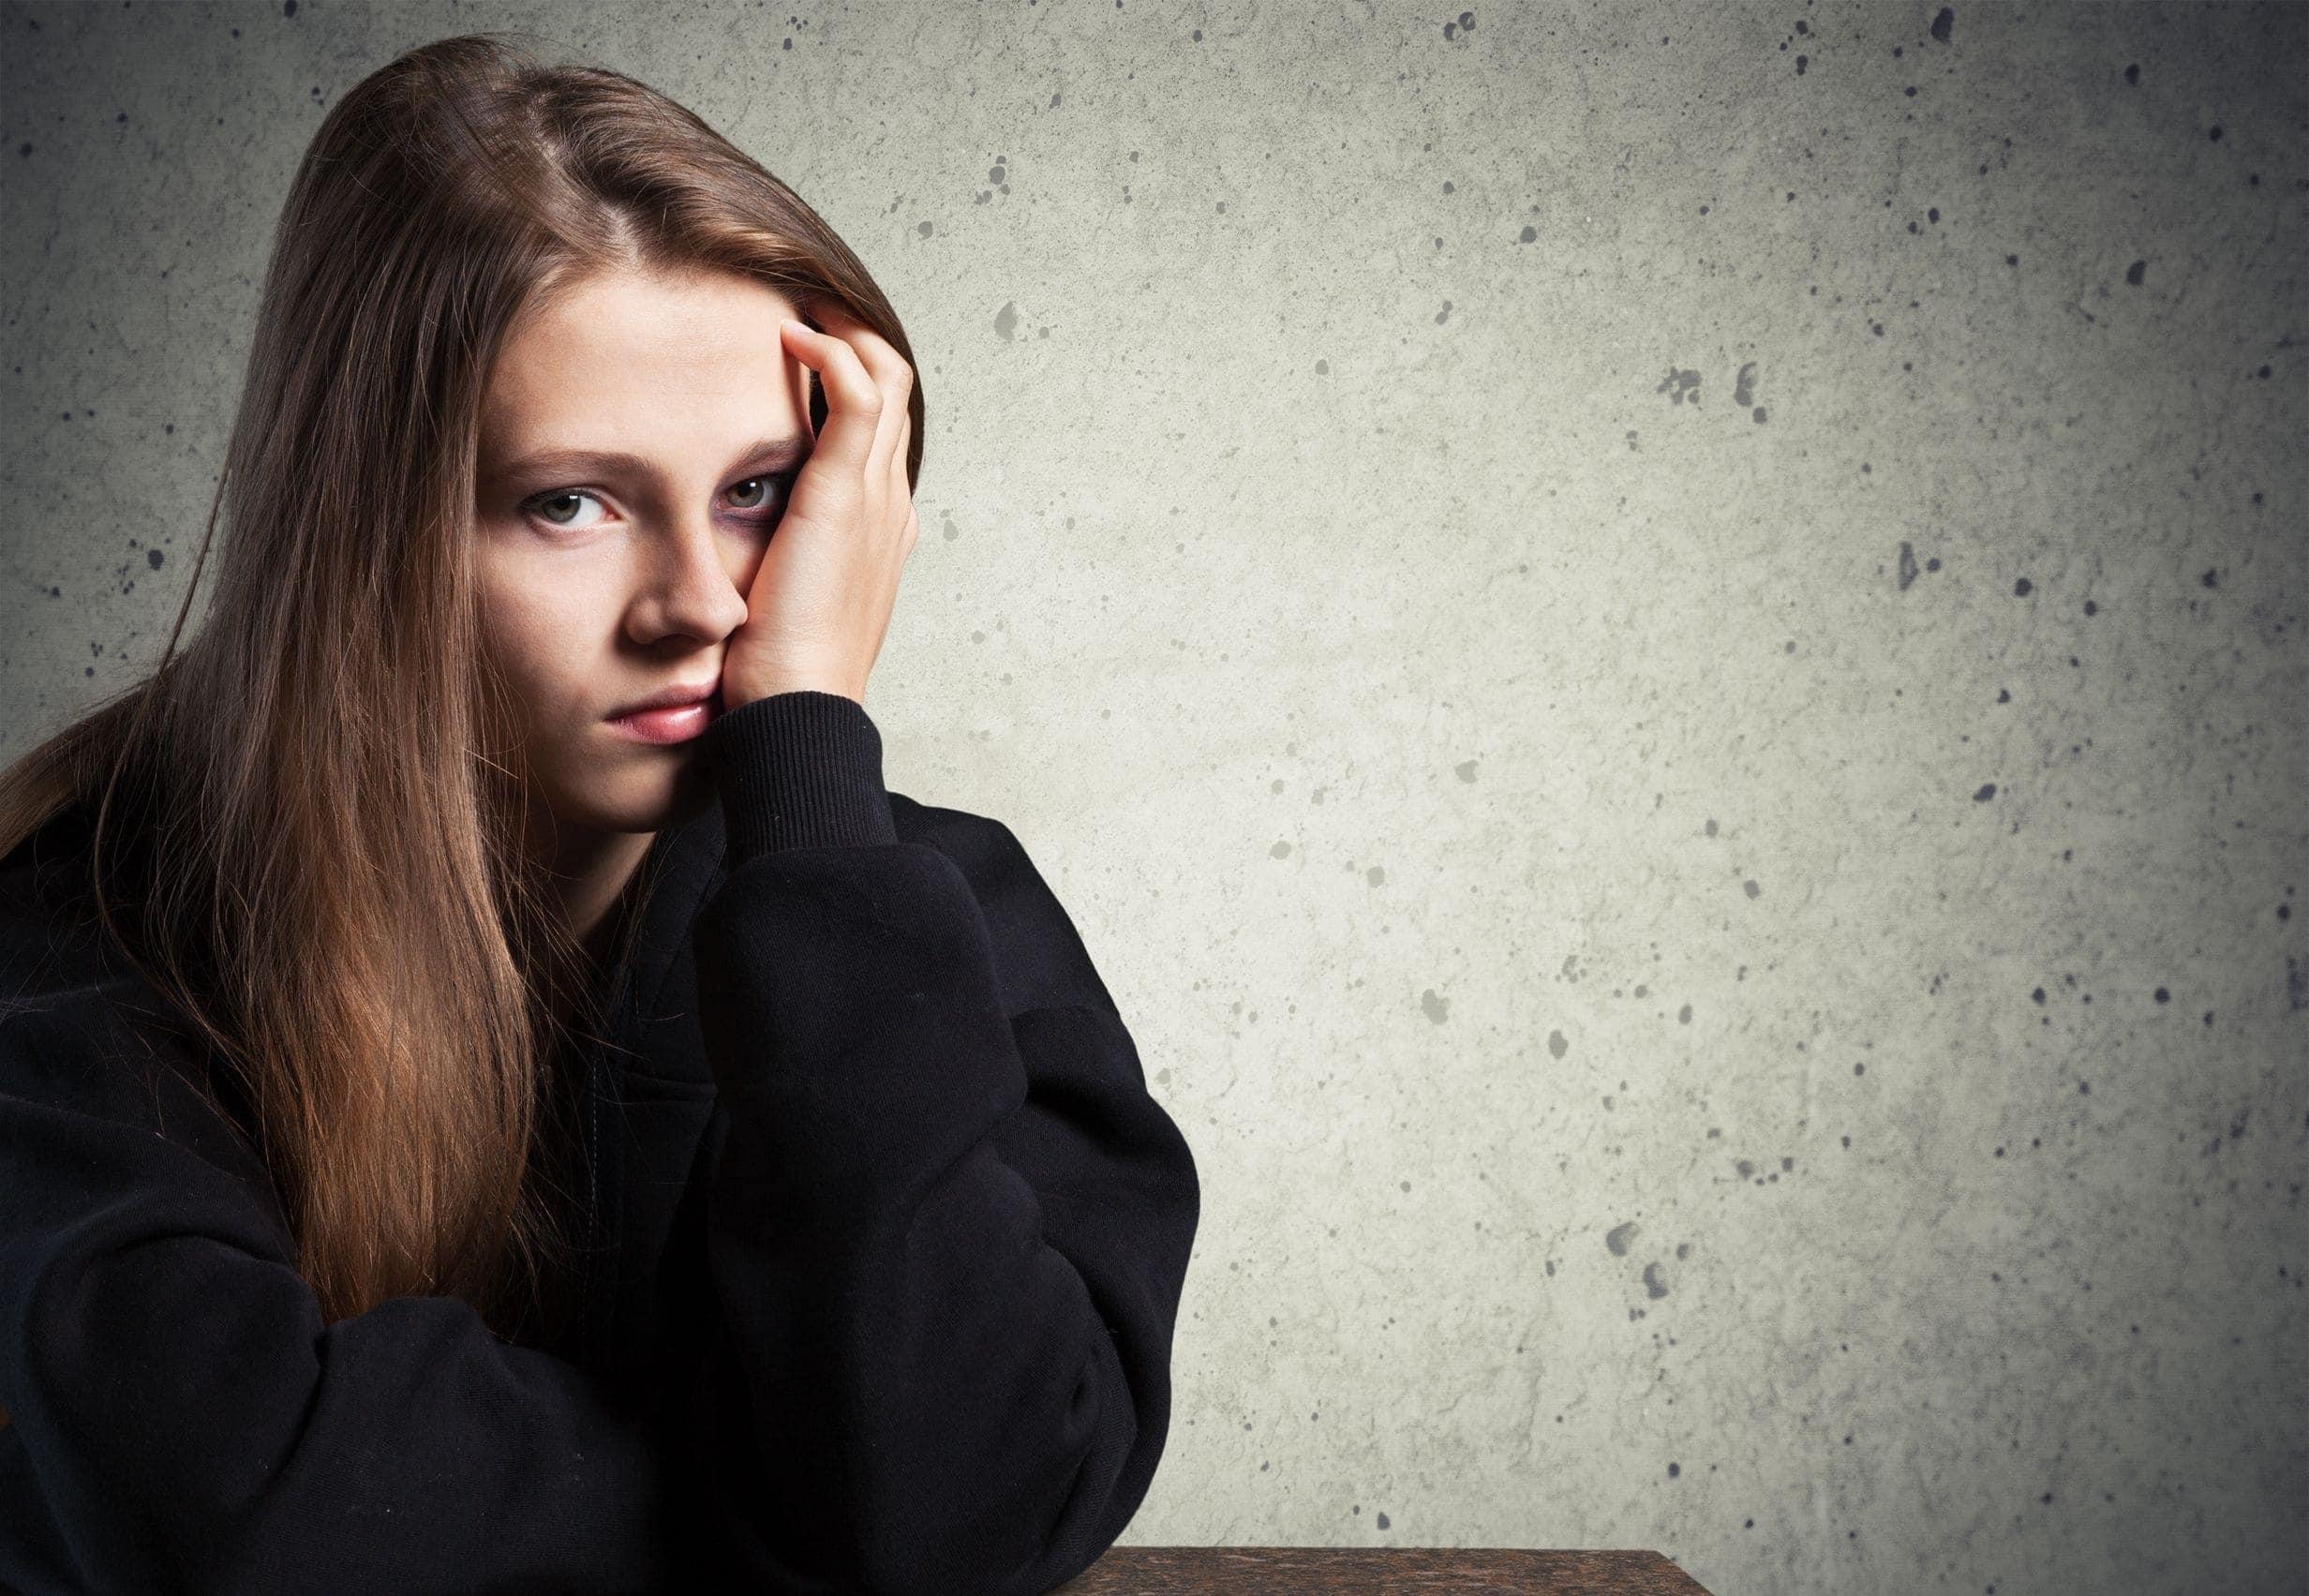 Cómo conseguir que tu hijo recupere su interés, motivación y autoestima aunque lo creas imposible